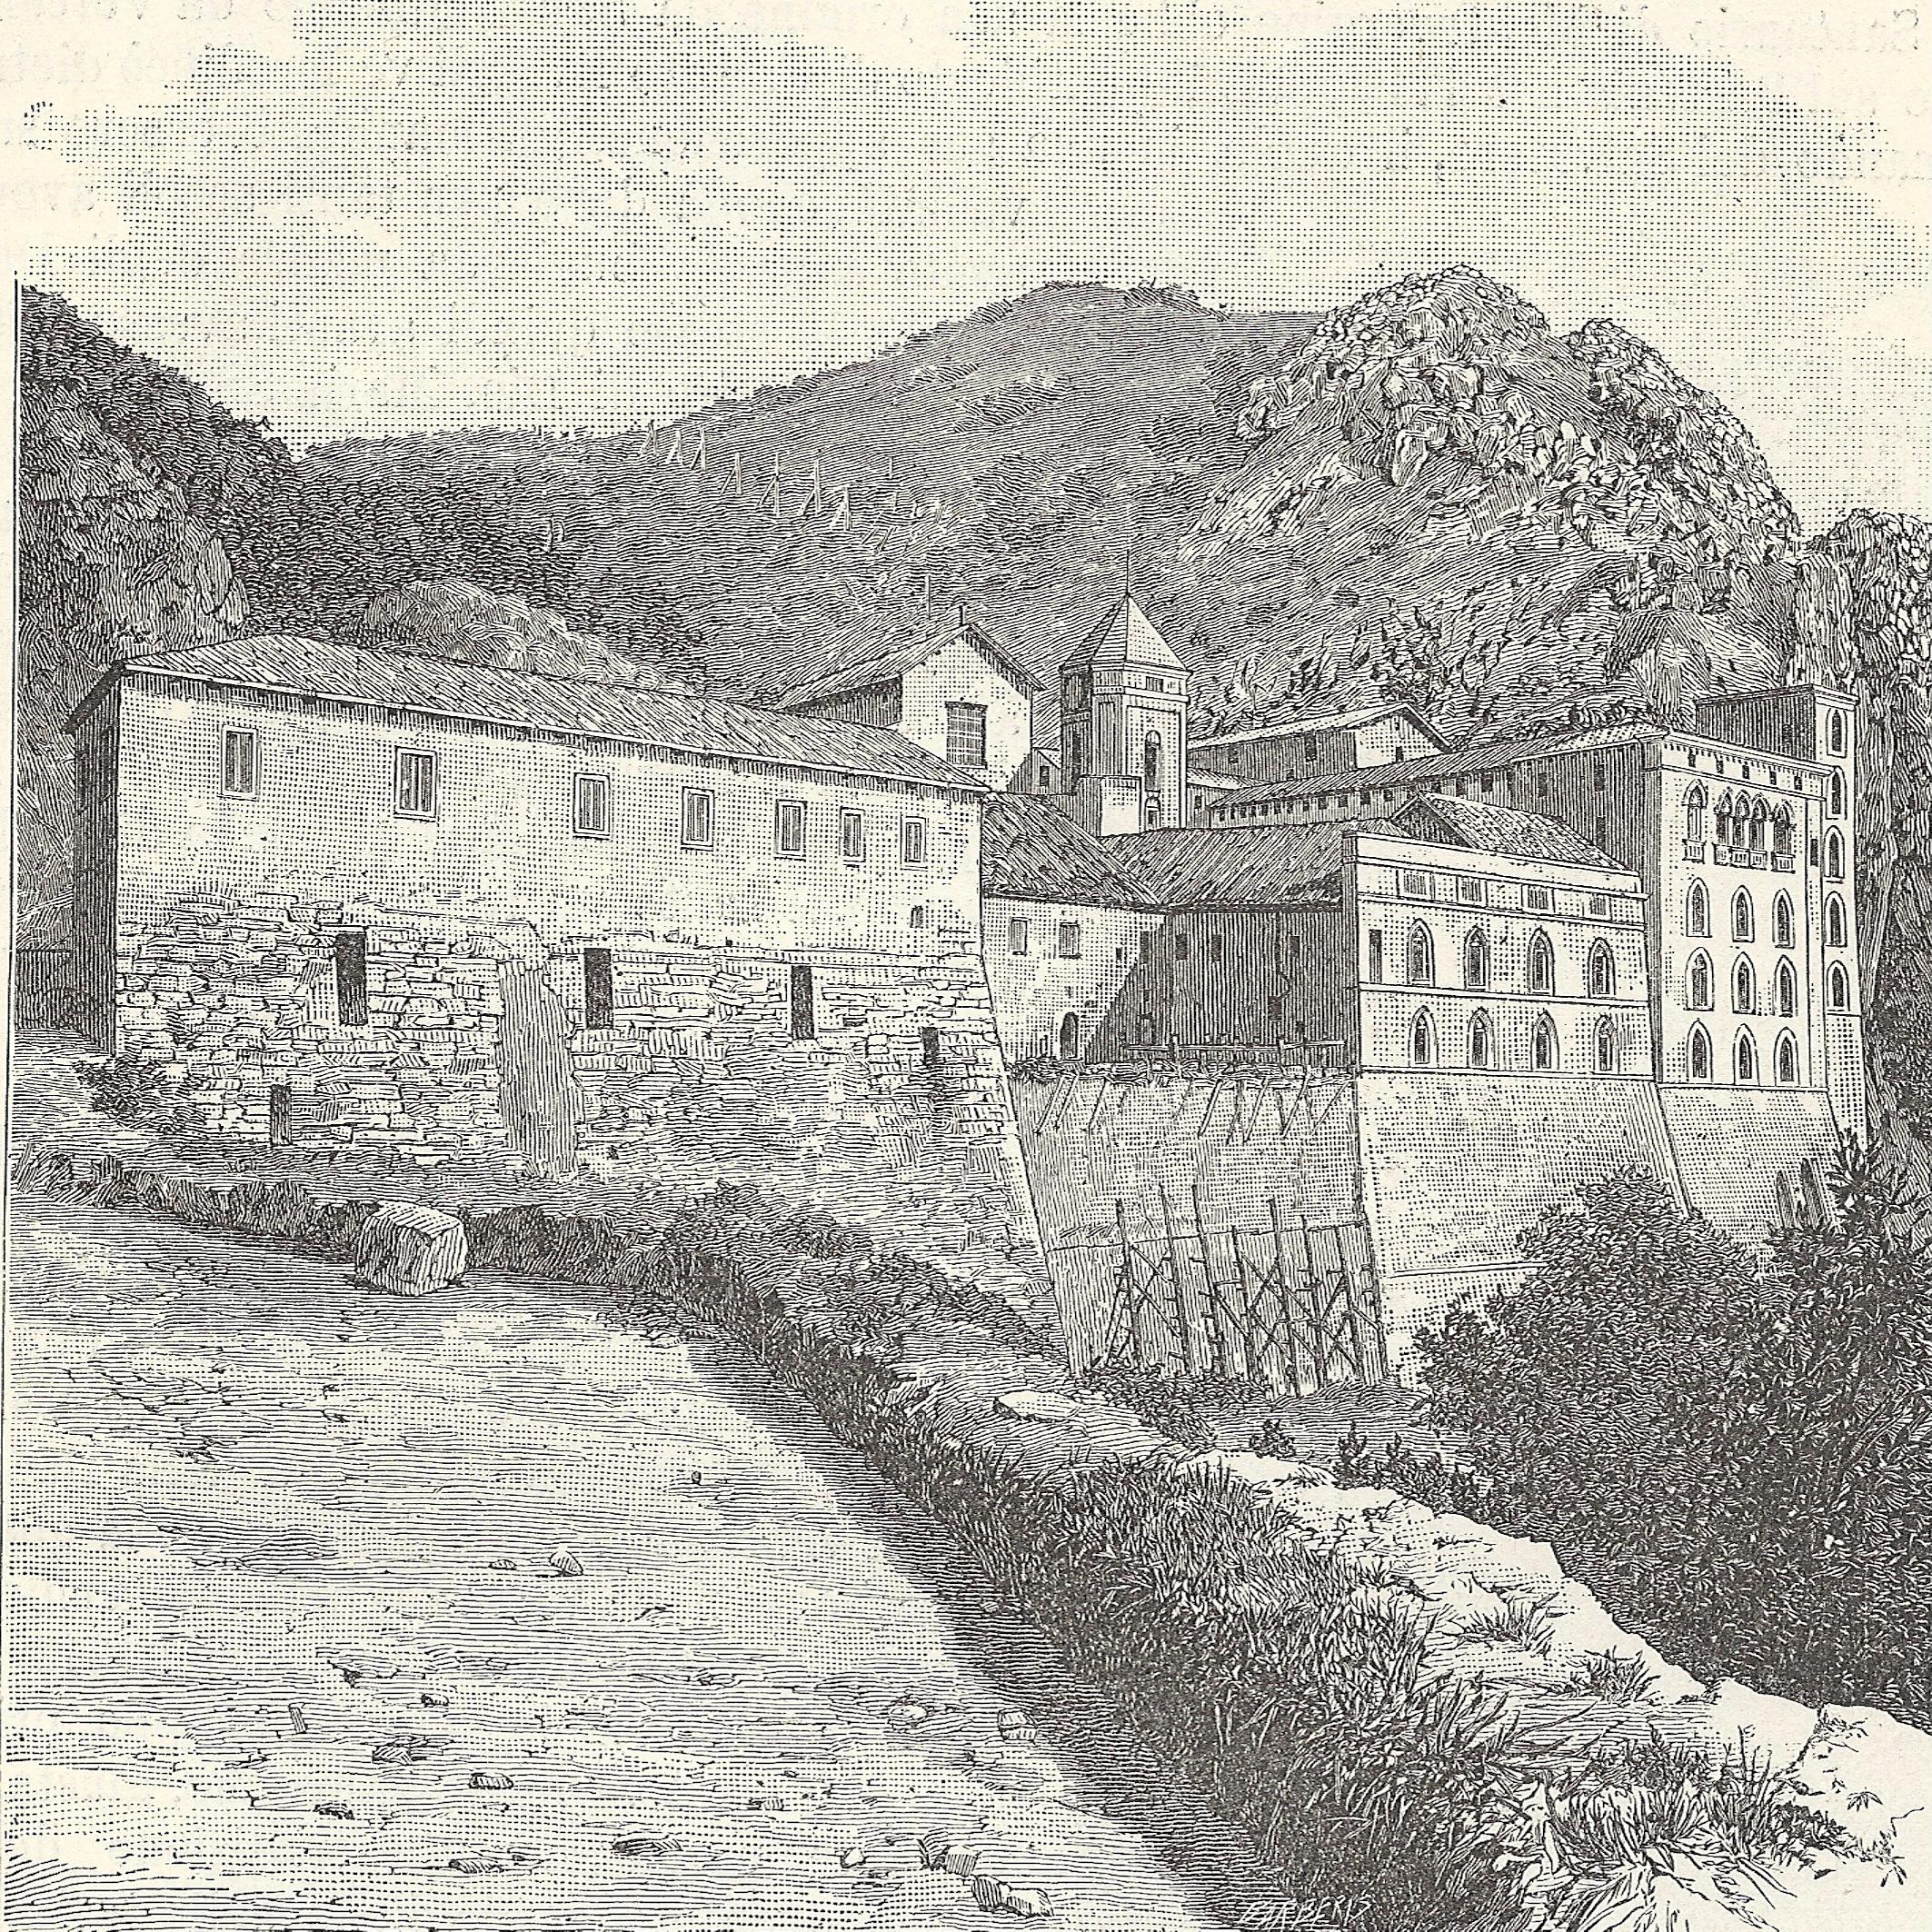 File:Avellino (dintorni) prospetto del Santuario di Montevergine.